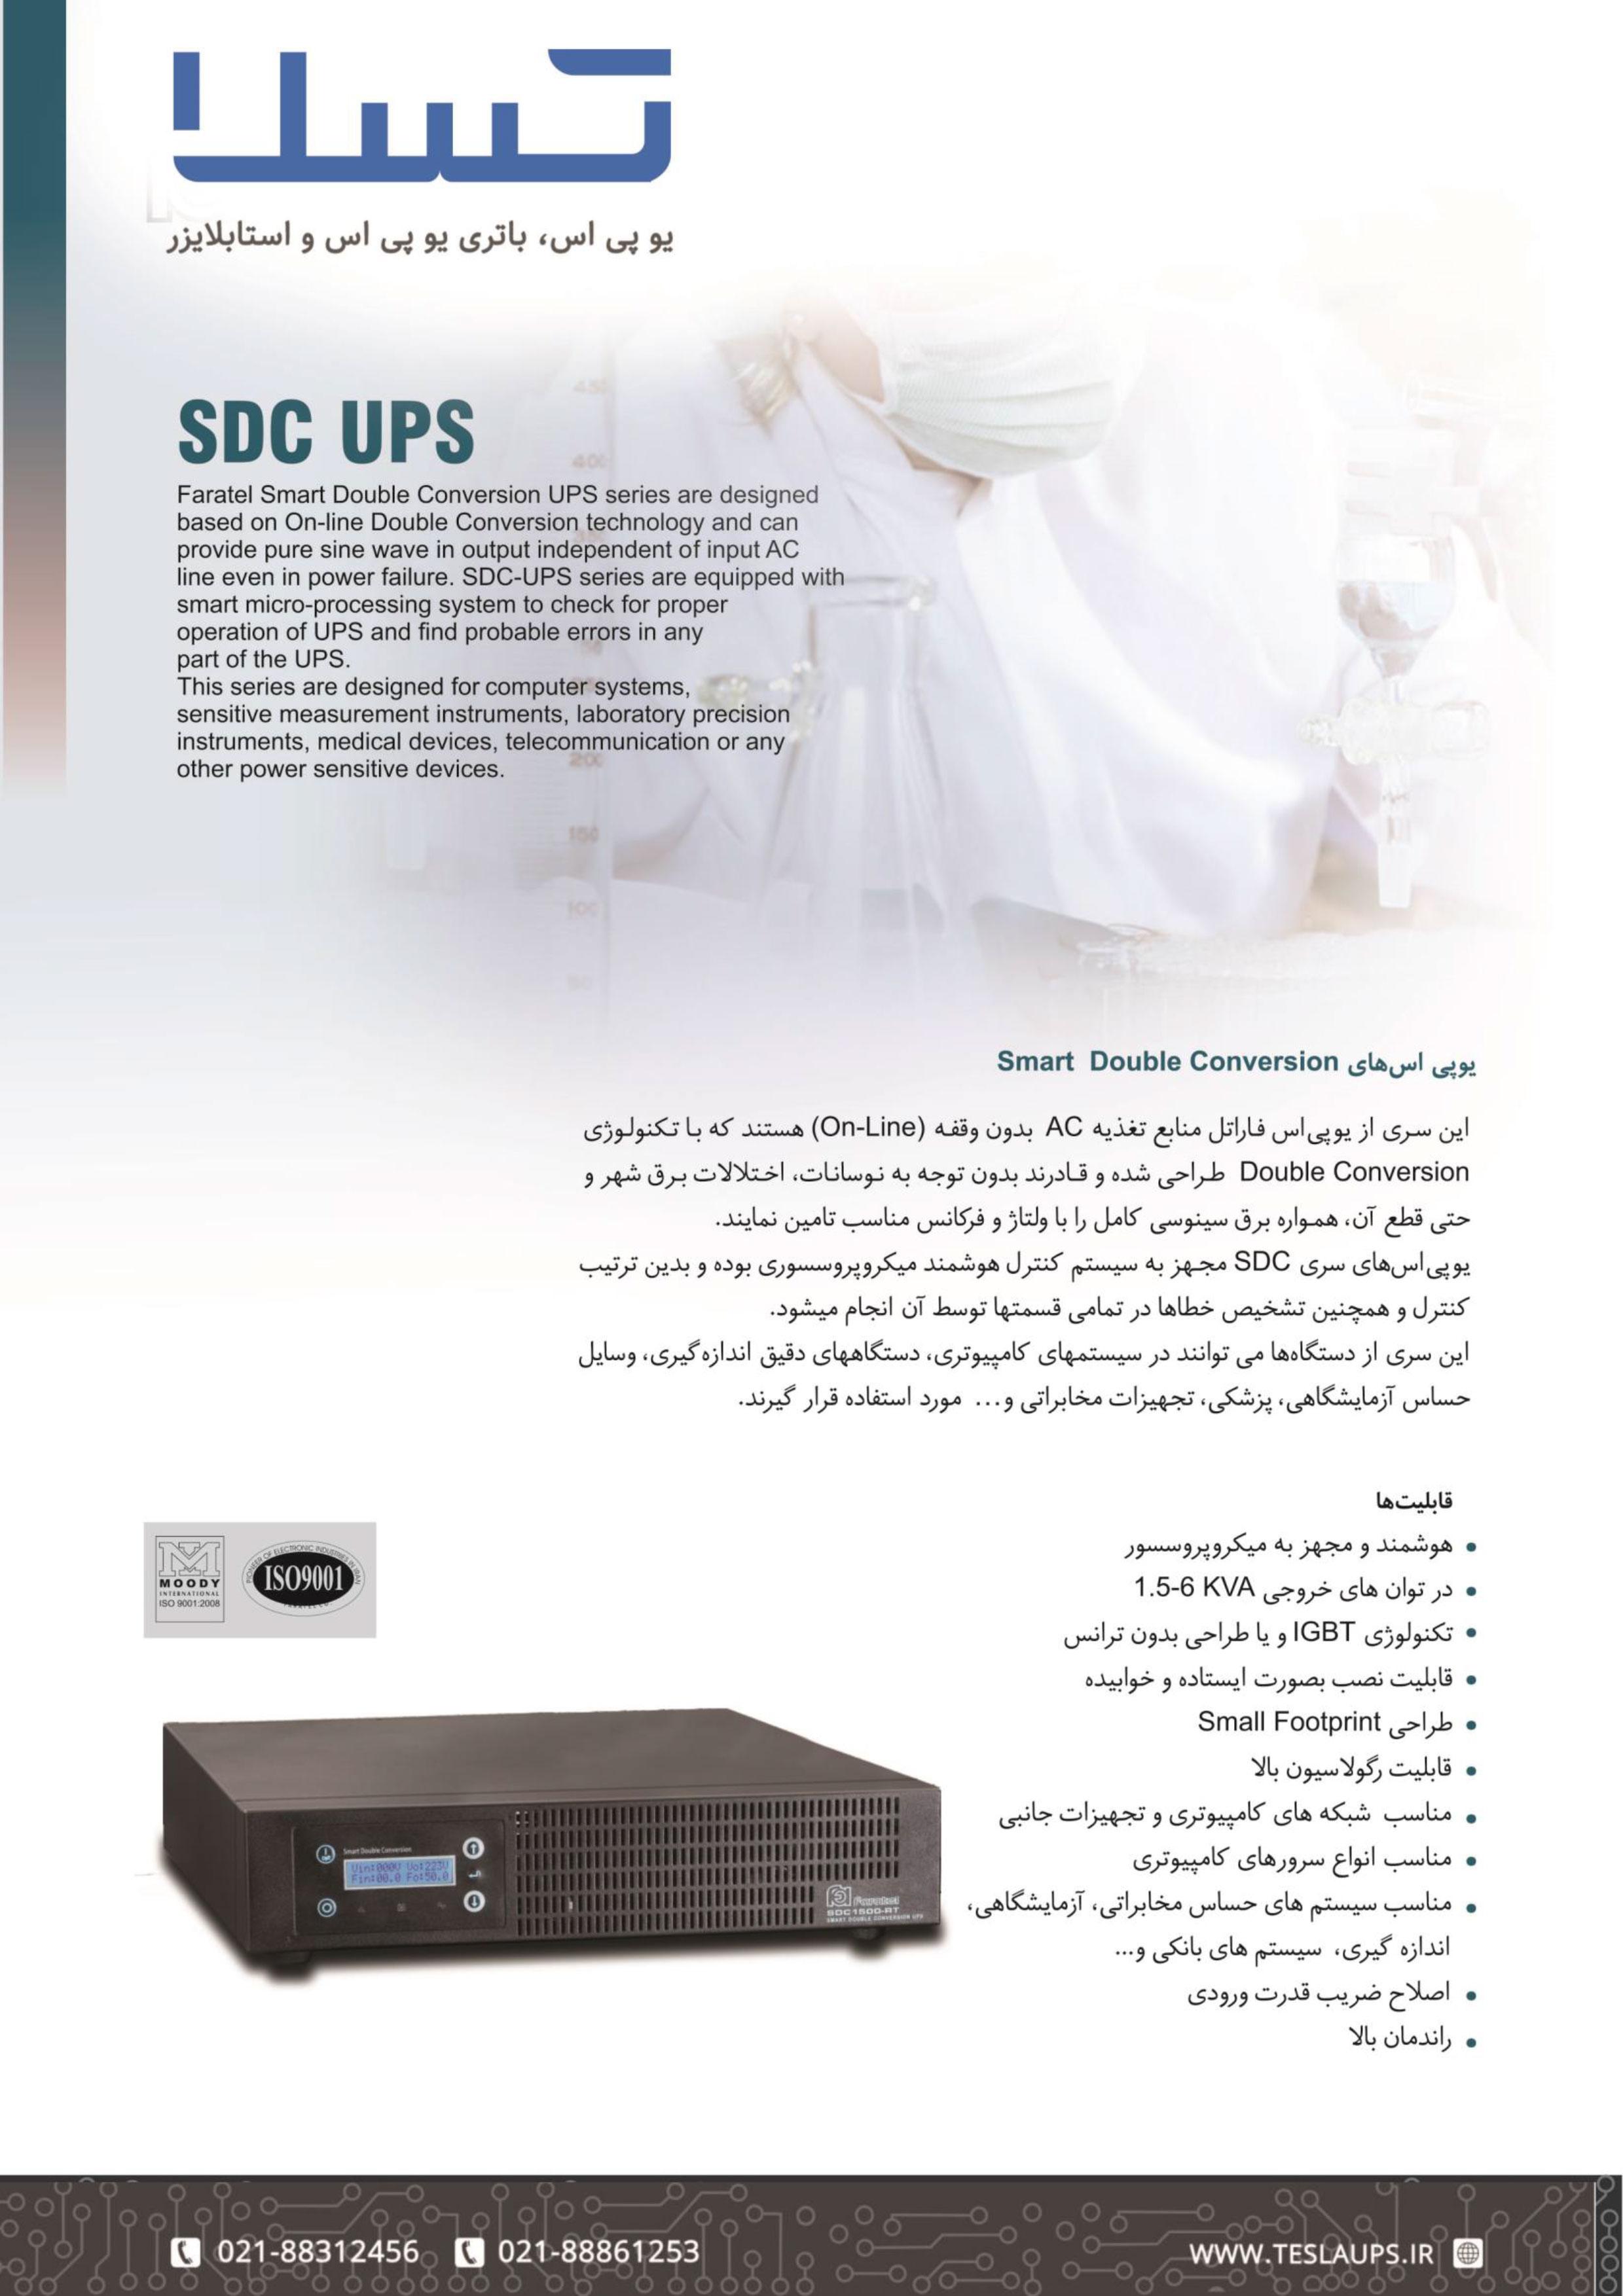 کاتالوگ یوپی اس sdc